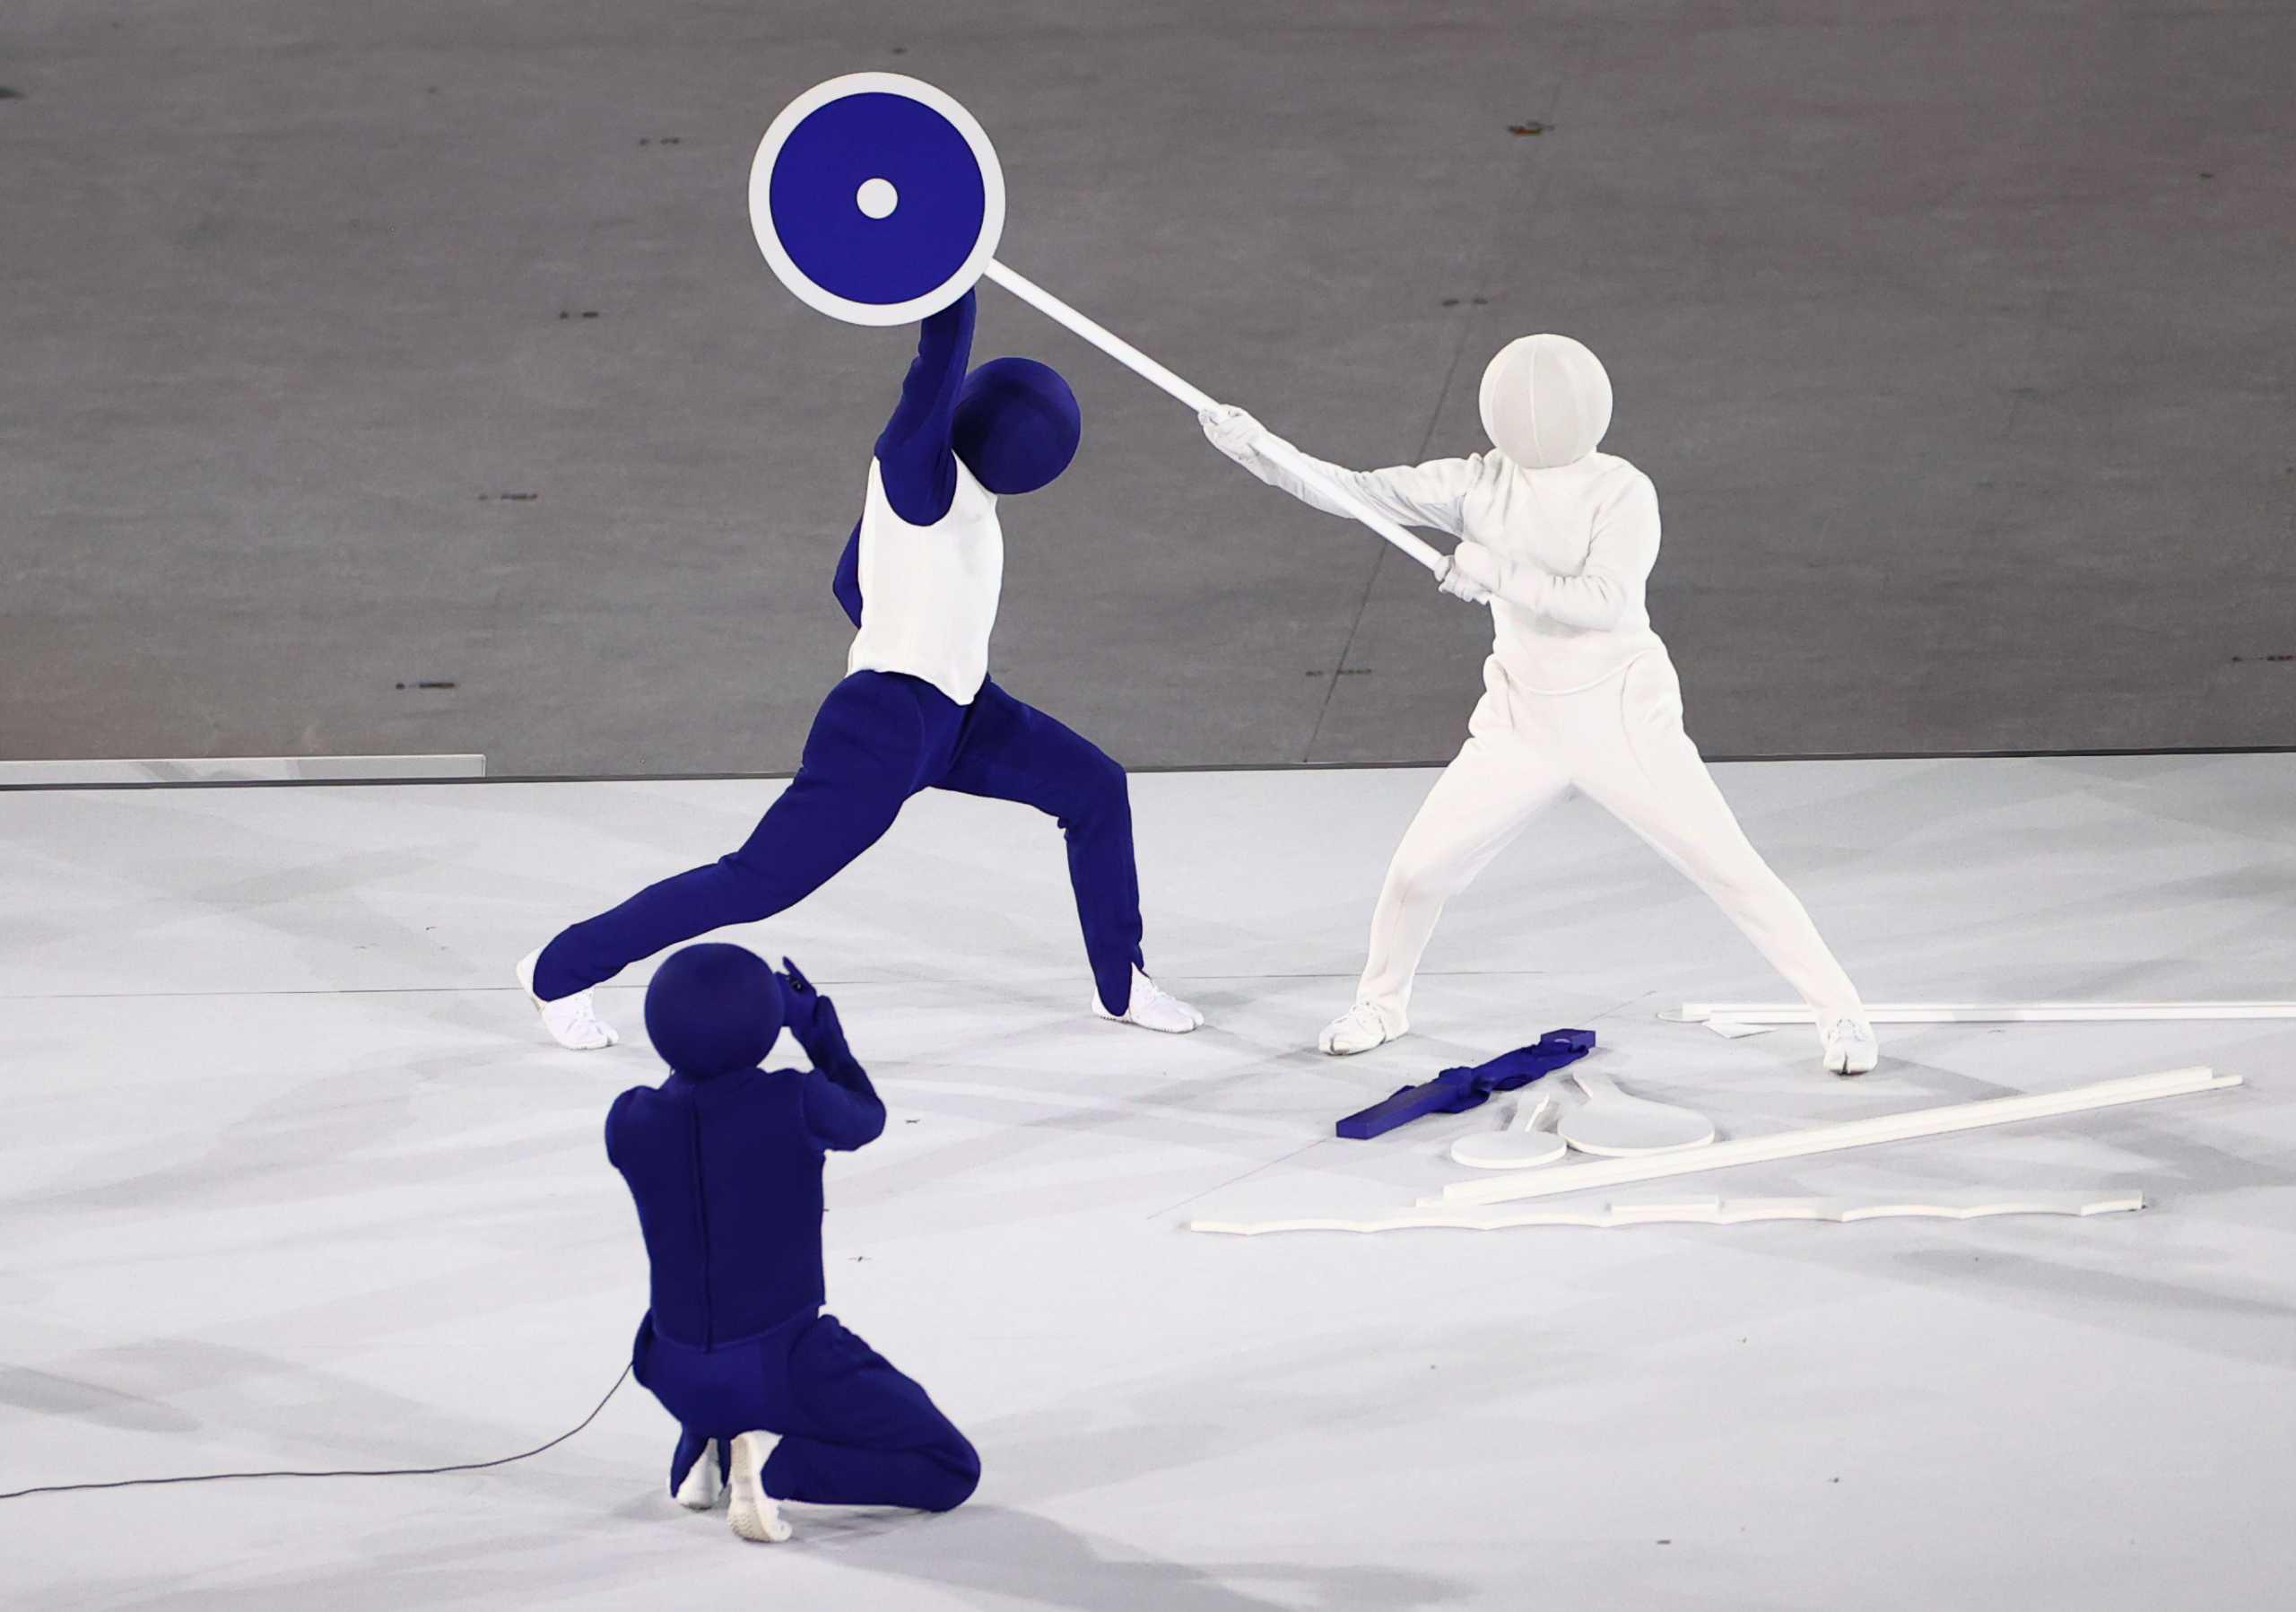 Ολυμπιακοί Αγώνες: Η ευφάνταστη παρουσίαση των αγωνισμάτων με «άρωμα» 1964